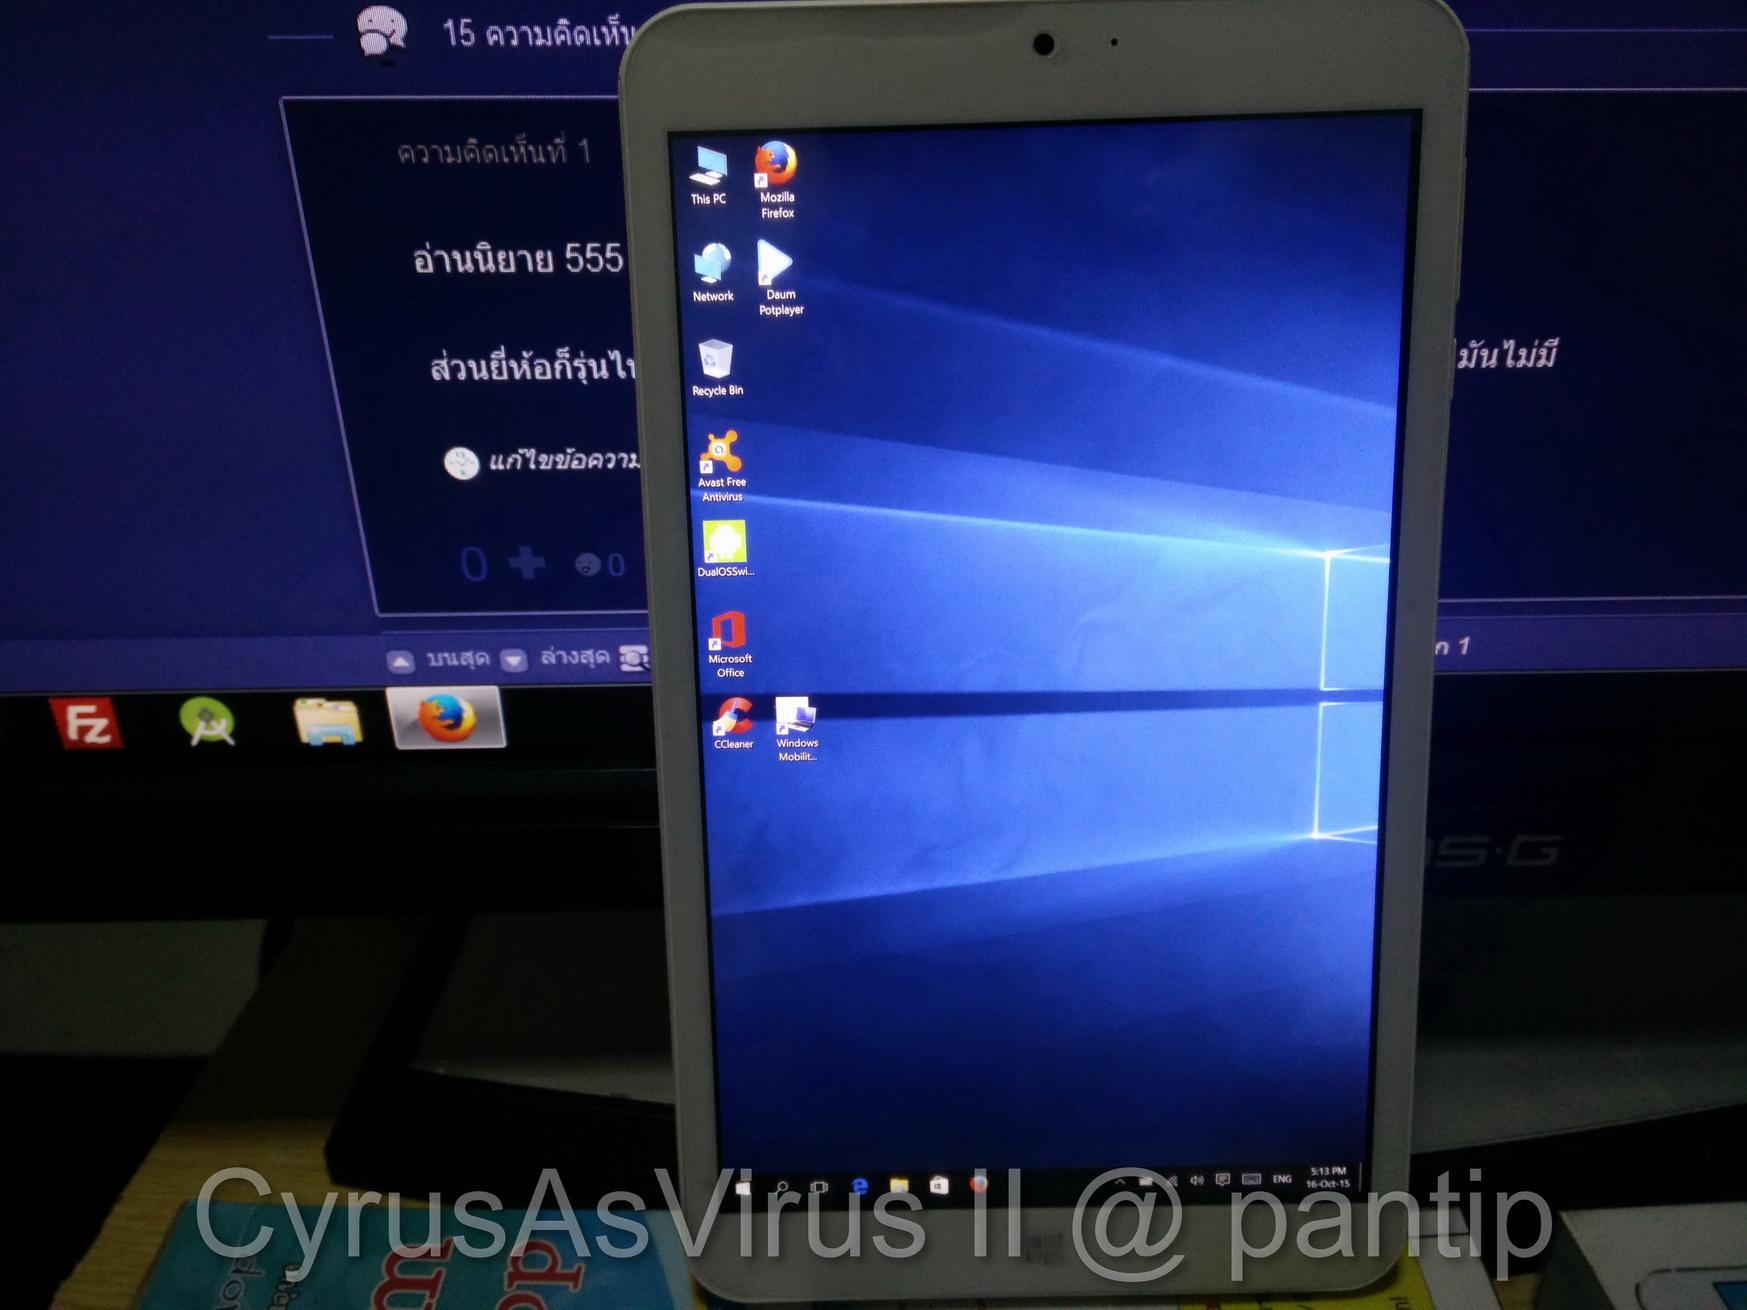 ขอถามเหตุผลที่เลือกซื้อ และประโยชน์ได้รับจากการใช้ Tablet